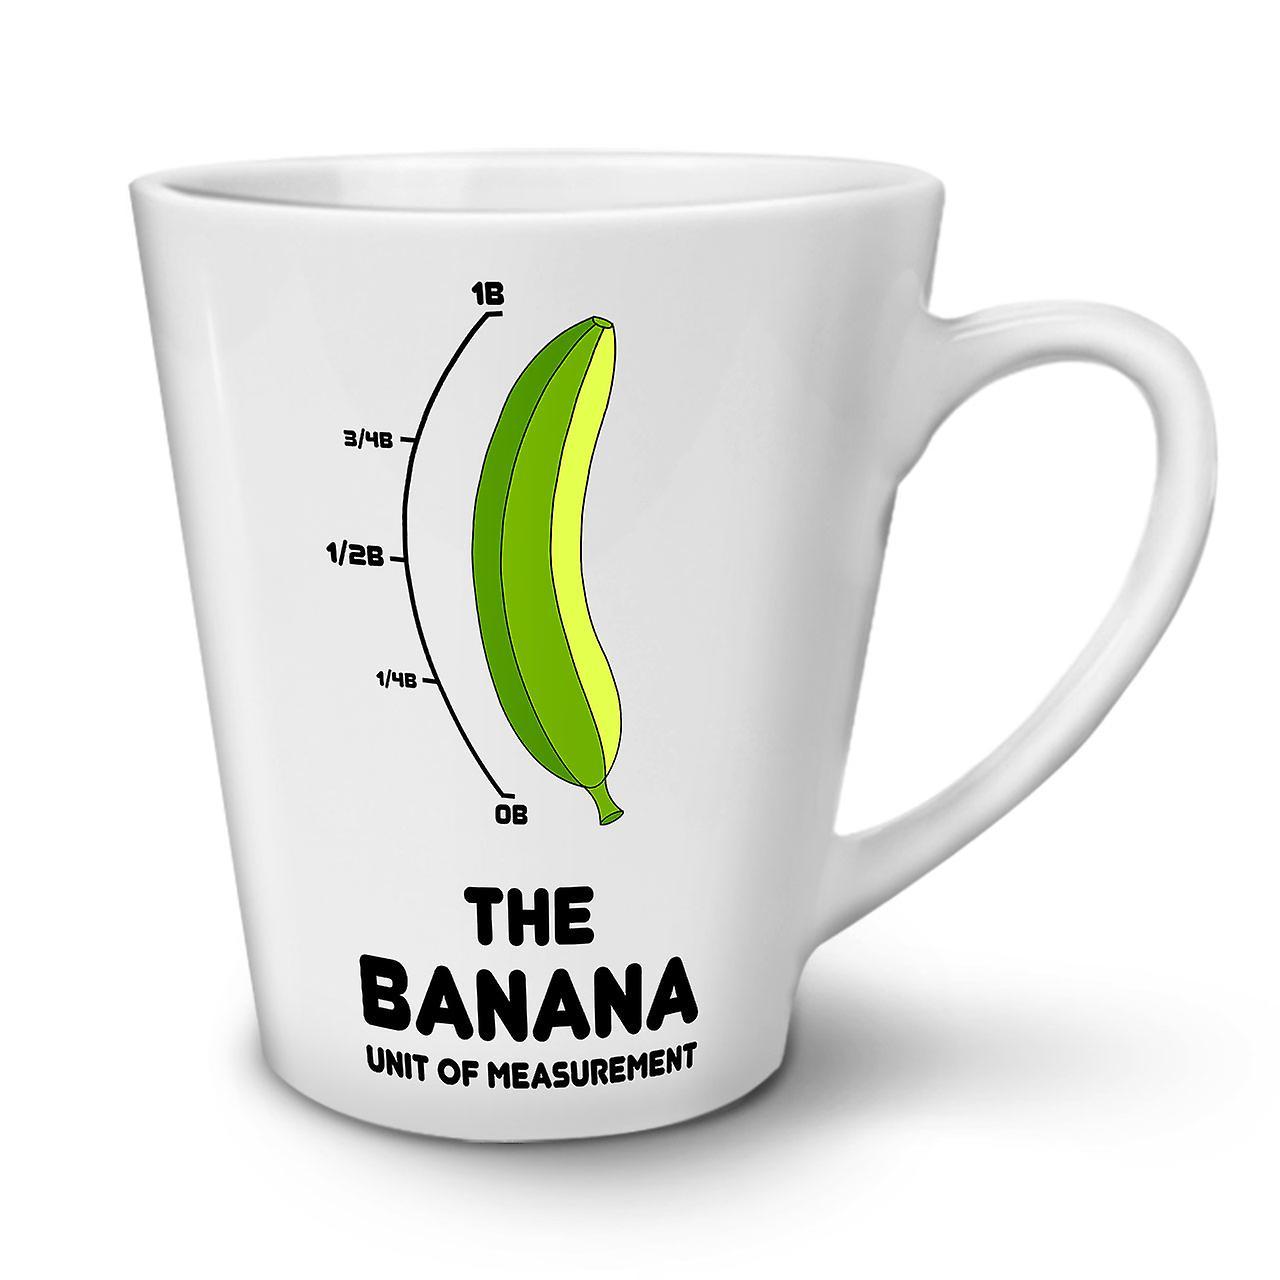 12 OzWellcoda Blanche Latte Échelle Pour En Céramique Tasse Nouvelle Banane Café rxdeoBWC